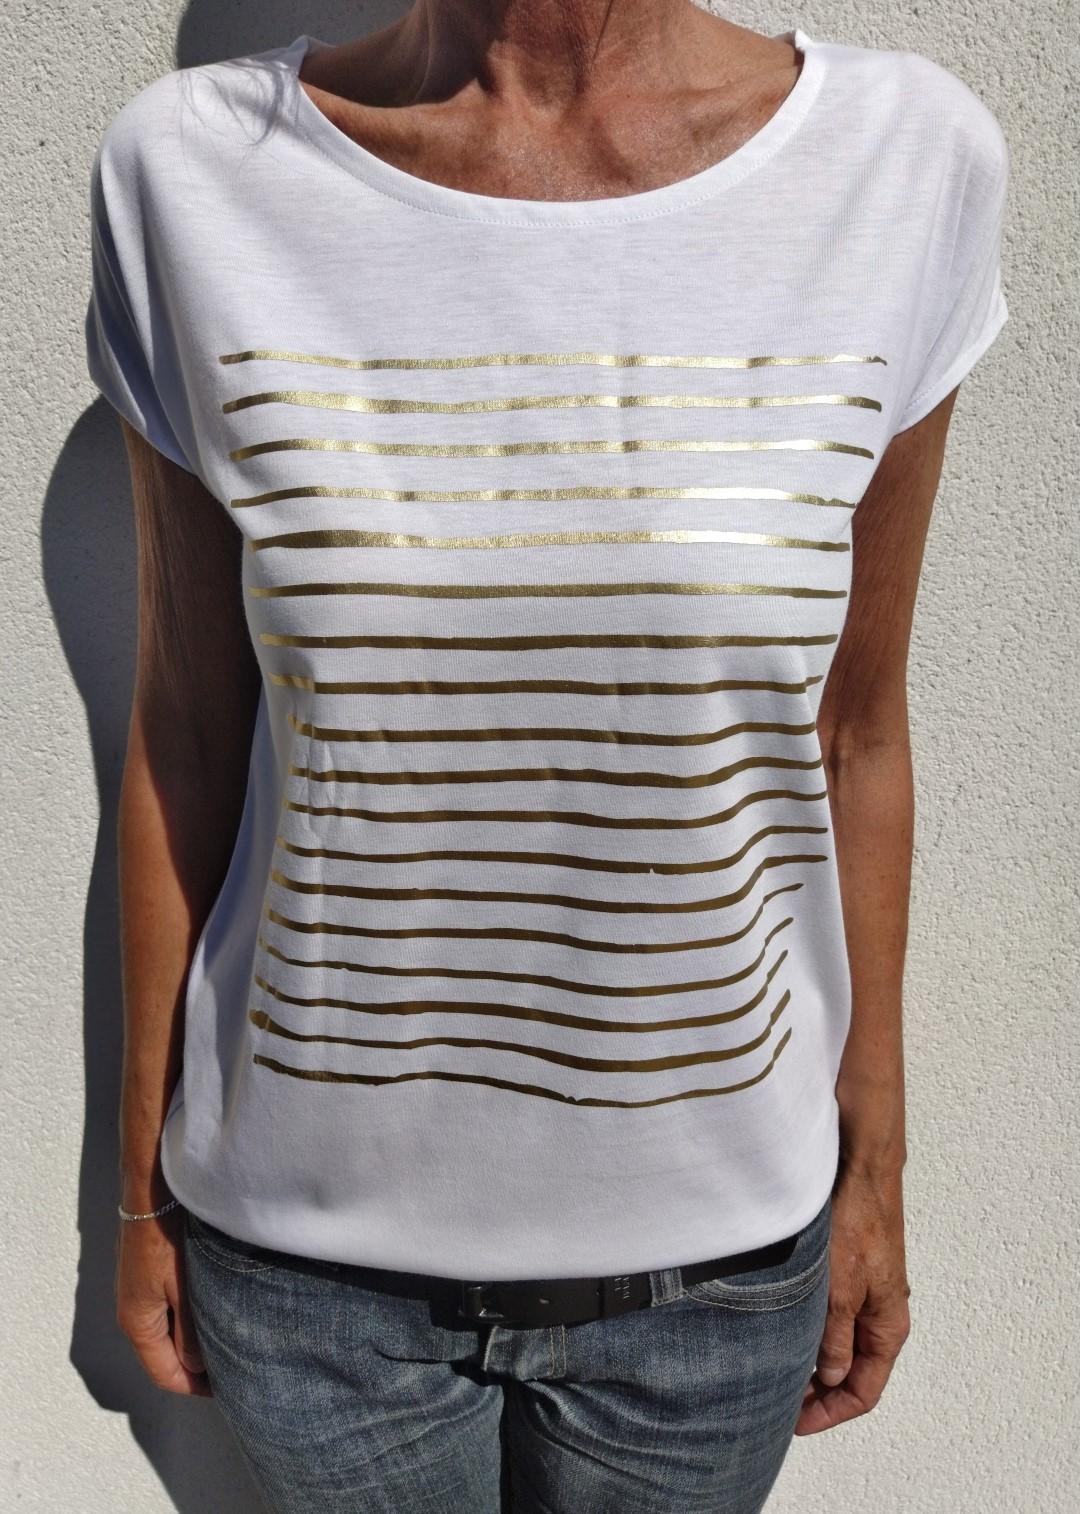 tee shirt blanc N°55 marinière or